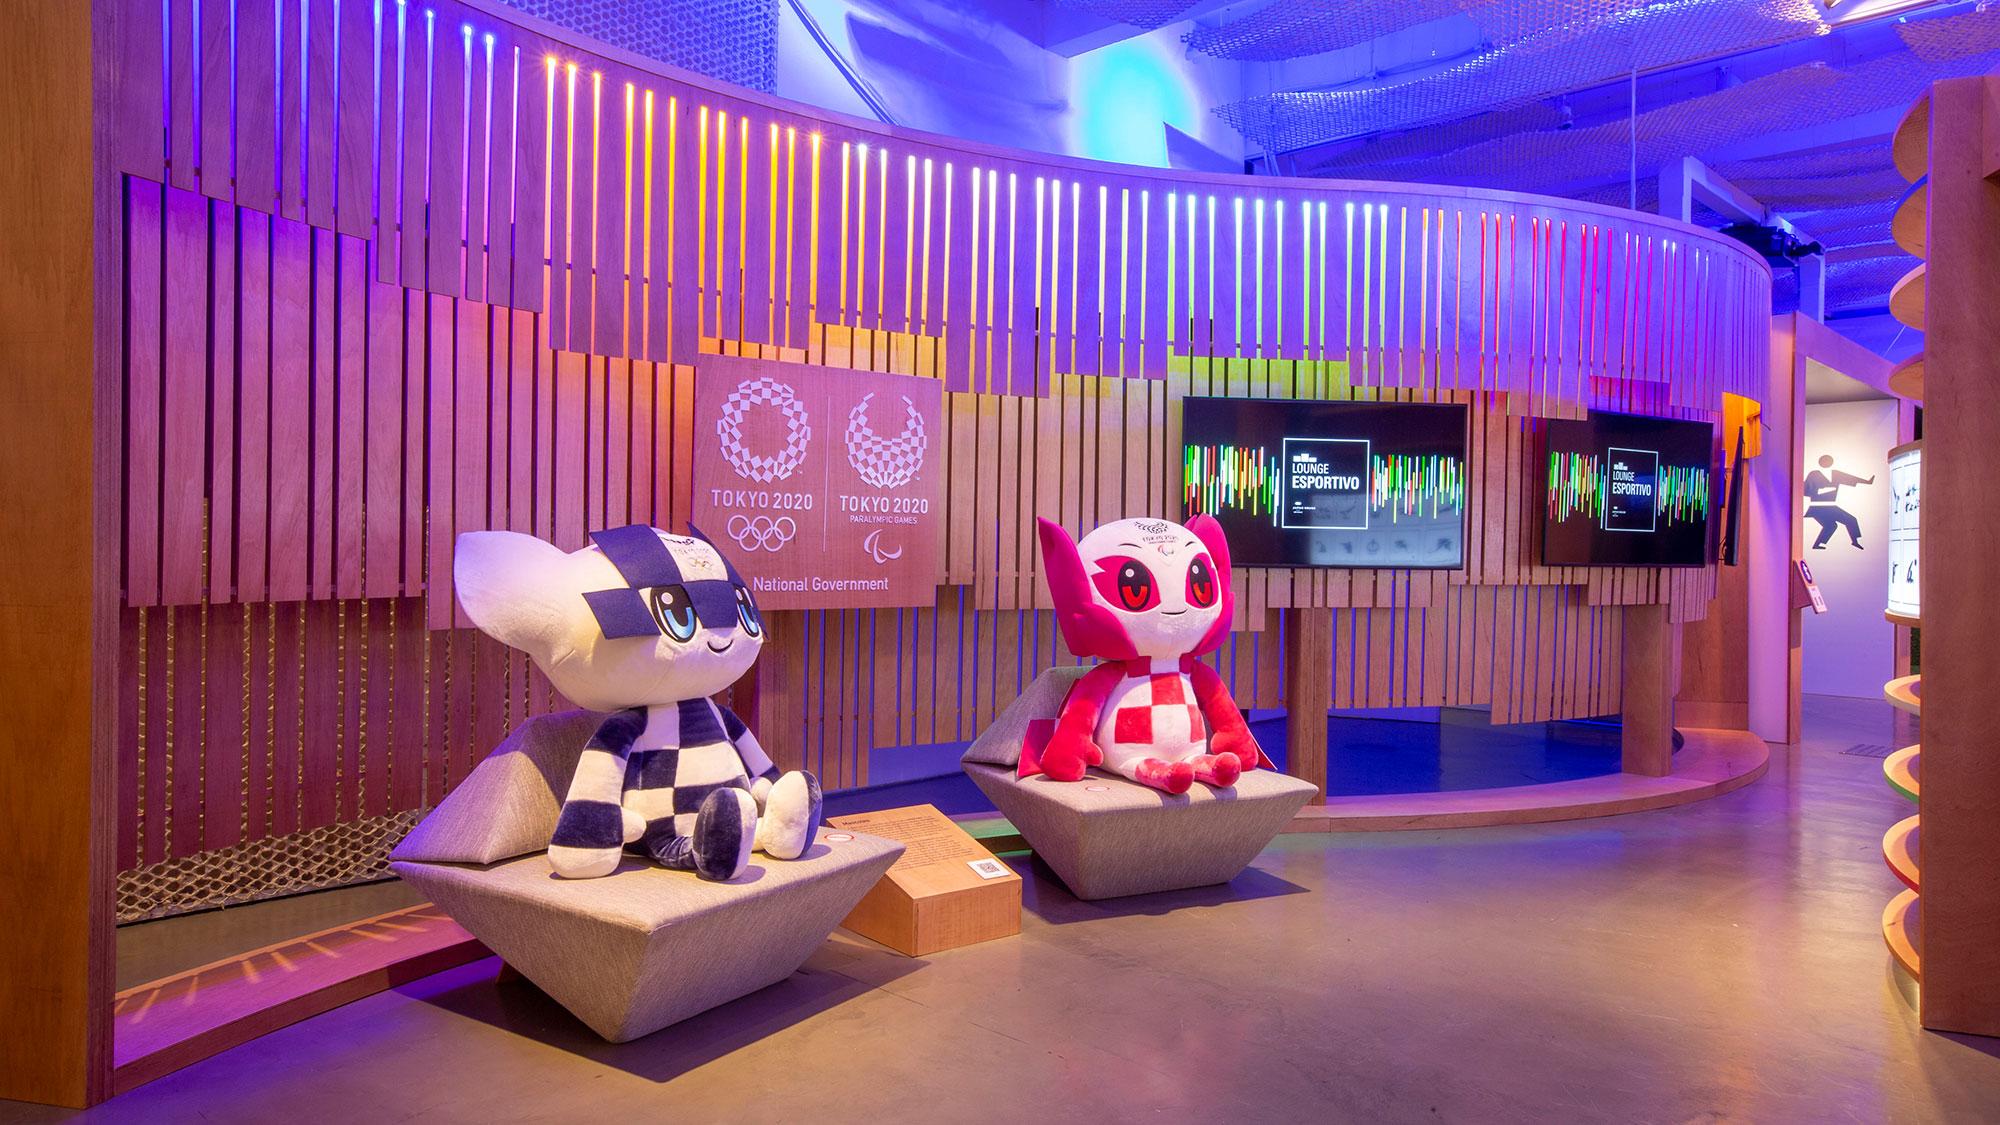 lounge-esportivo-japan-house-sao-paulo-olimpiadas-toquio-1 Japan House São Paulo abre lounge esportivo dedicado às Olimpíadas